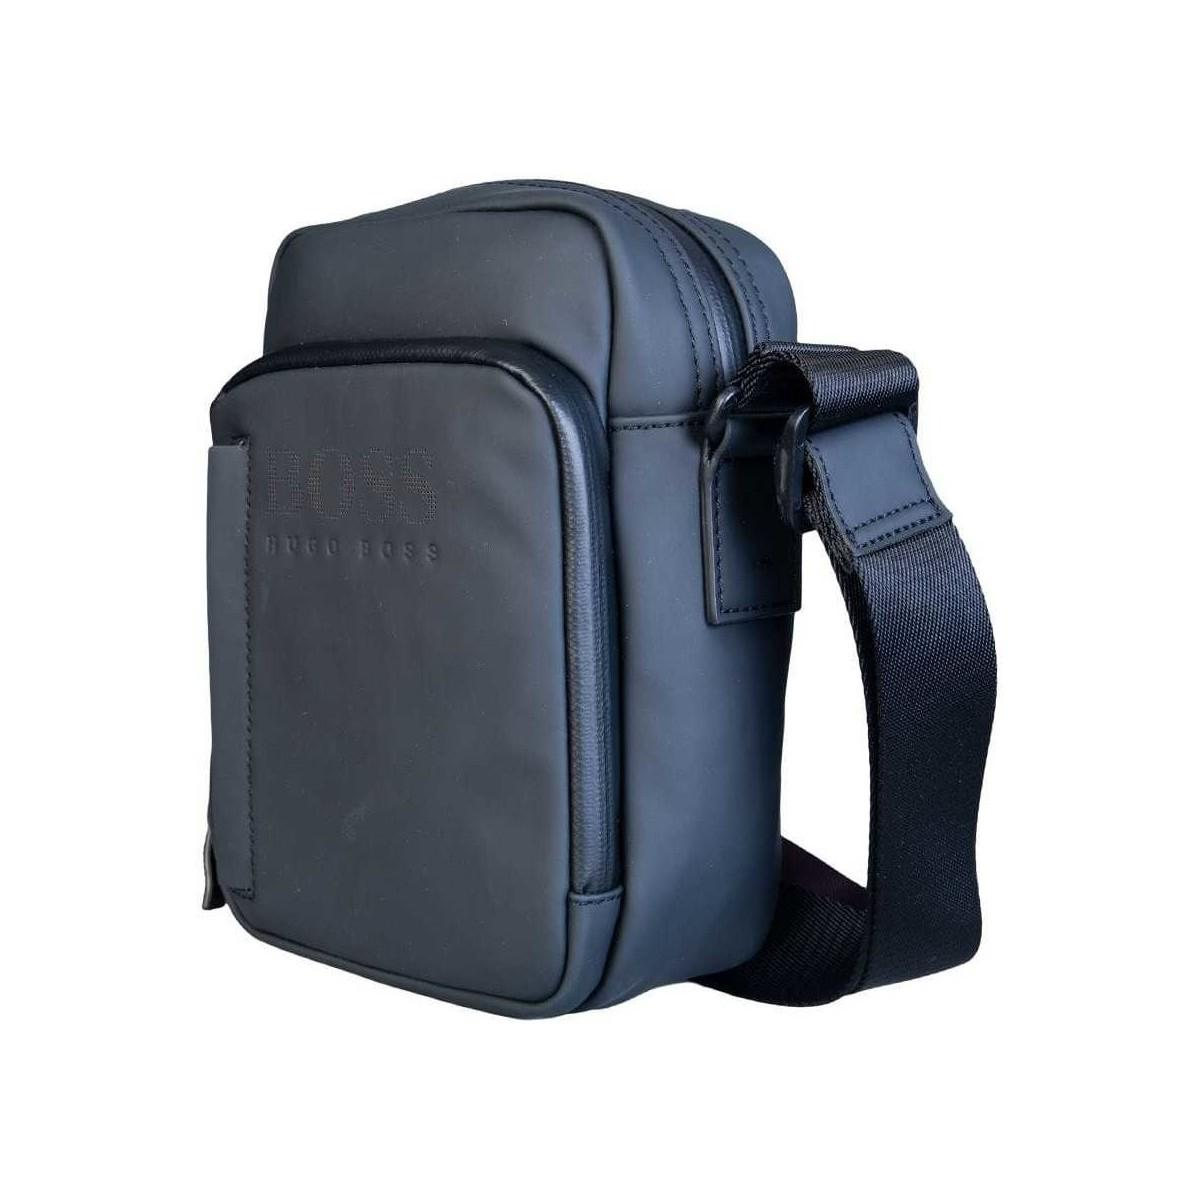 62ef3e6412 BOSS - Bag Messenger Model Quot;hyper Ns Zip 50397465 Quot; Men's Shoulder  Bag. View fullscreen